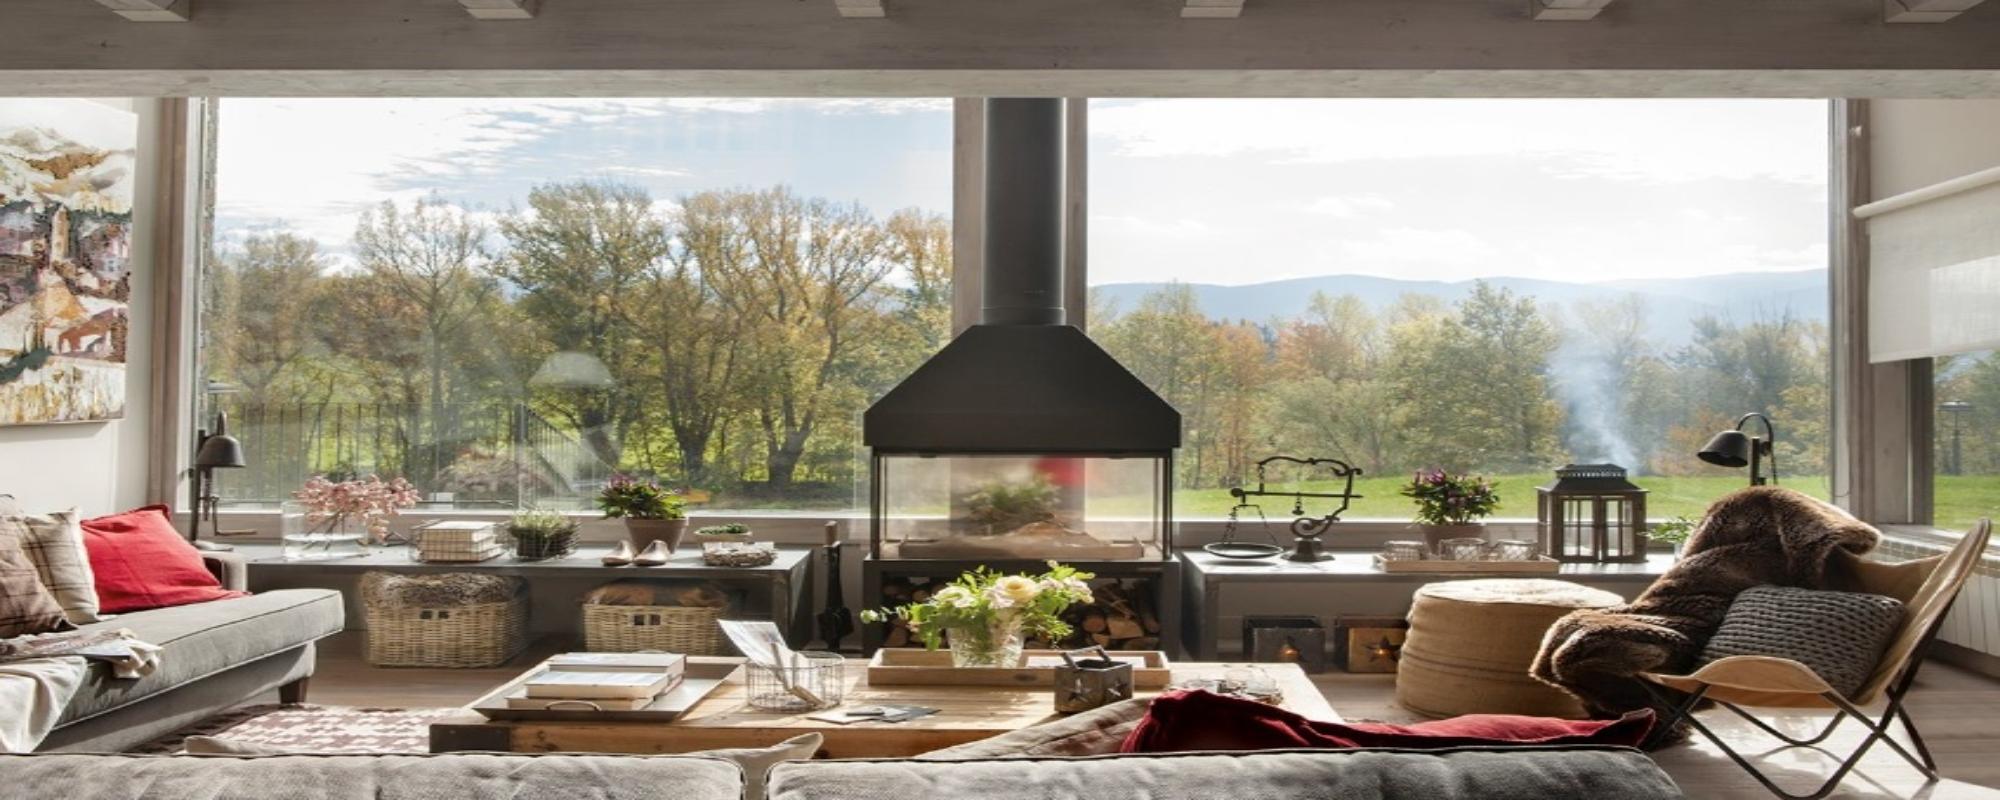 Diseño de interiores: Sacum una empresa de interiorismo elegante diseño de interiores Diseño de interiores: Sacum una empresa de interiorismo elegante Featured 21